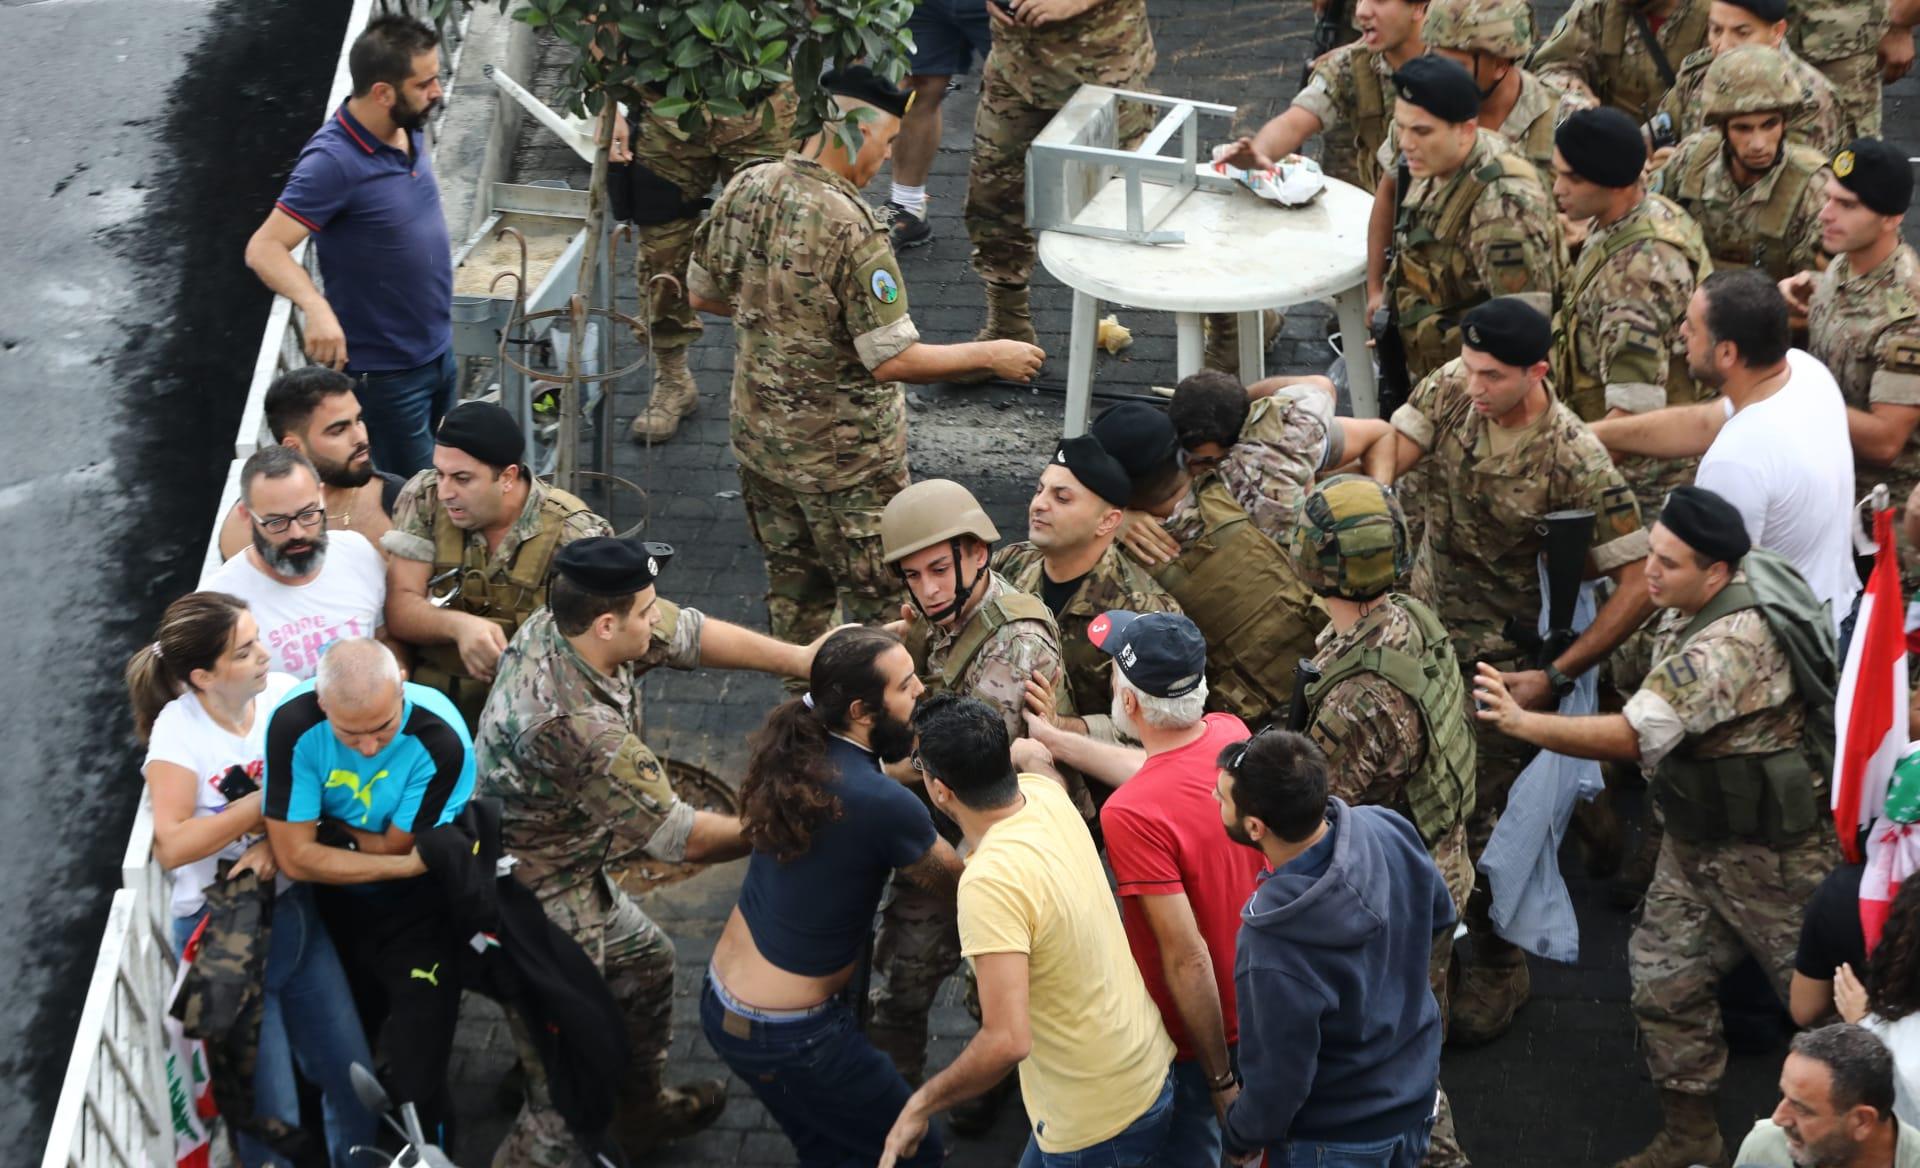 """جيش لبنان: ملتزمون بحماية حربة التعبير """"بعيدًا عن إقفال الطرق"""""""